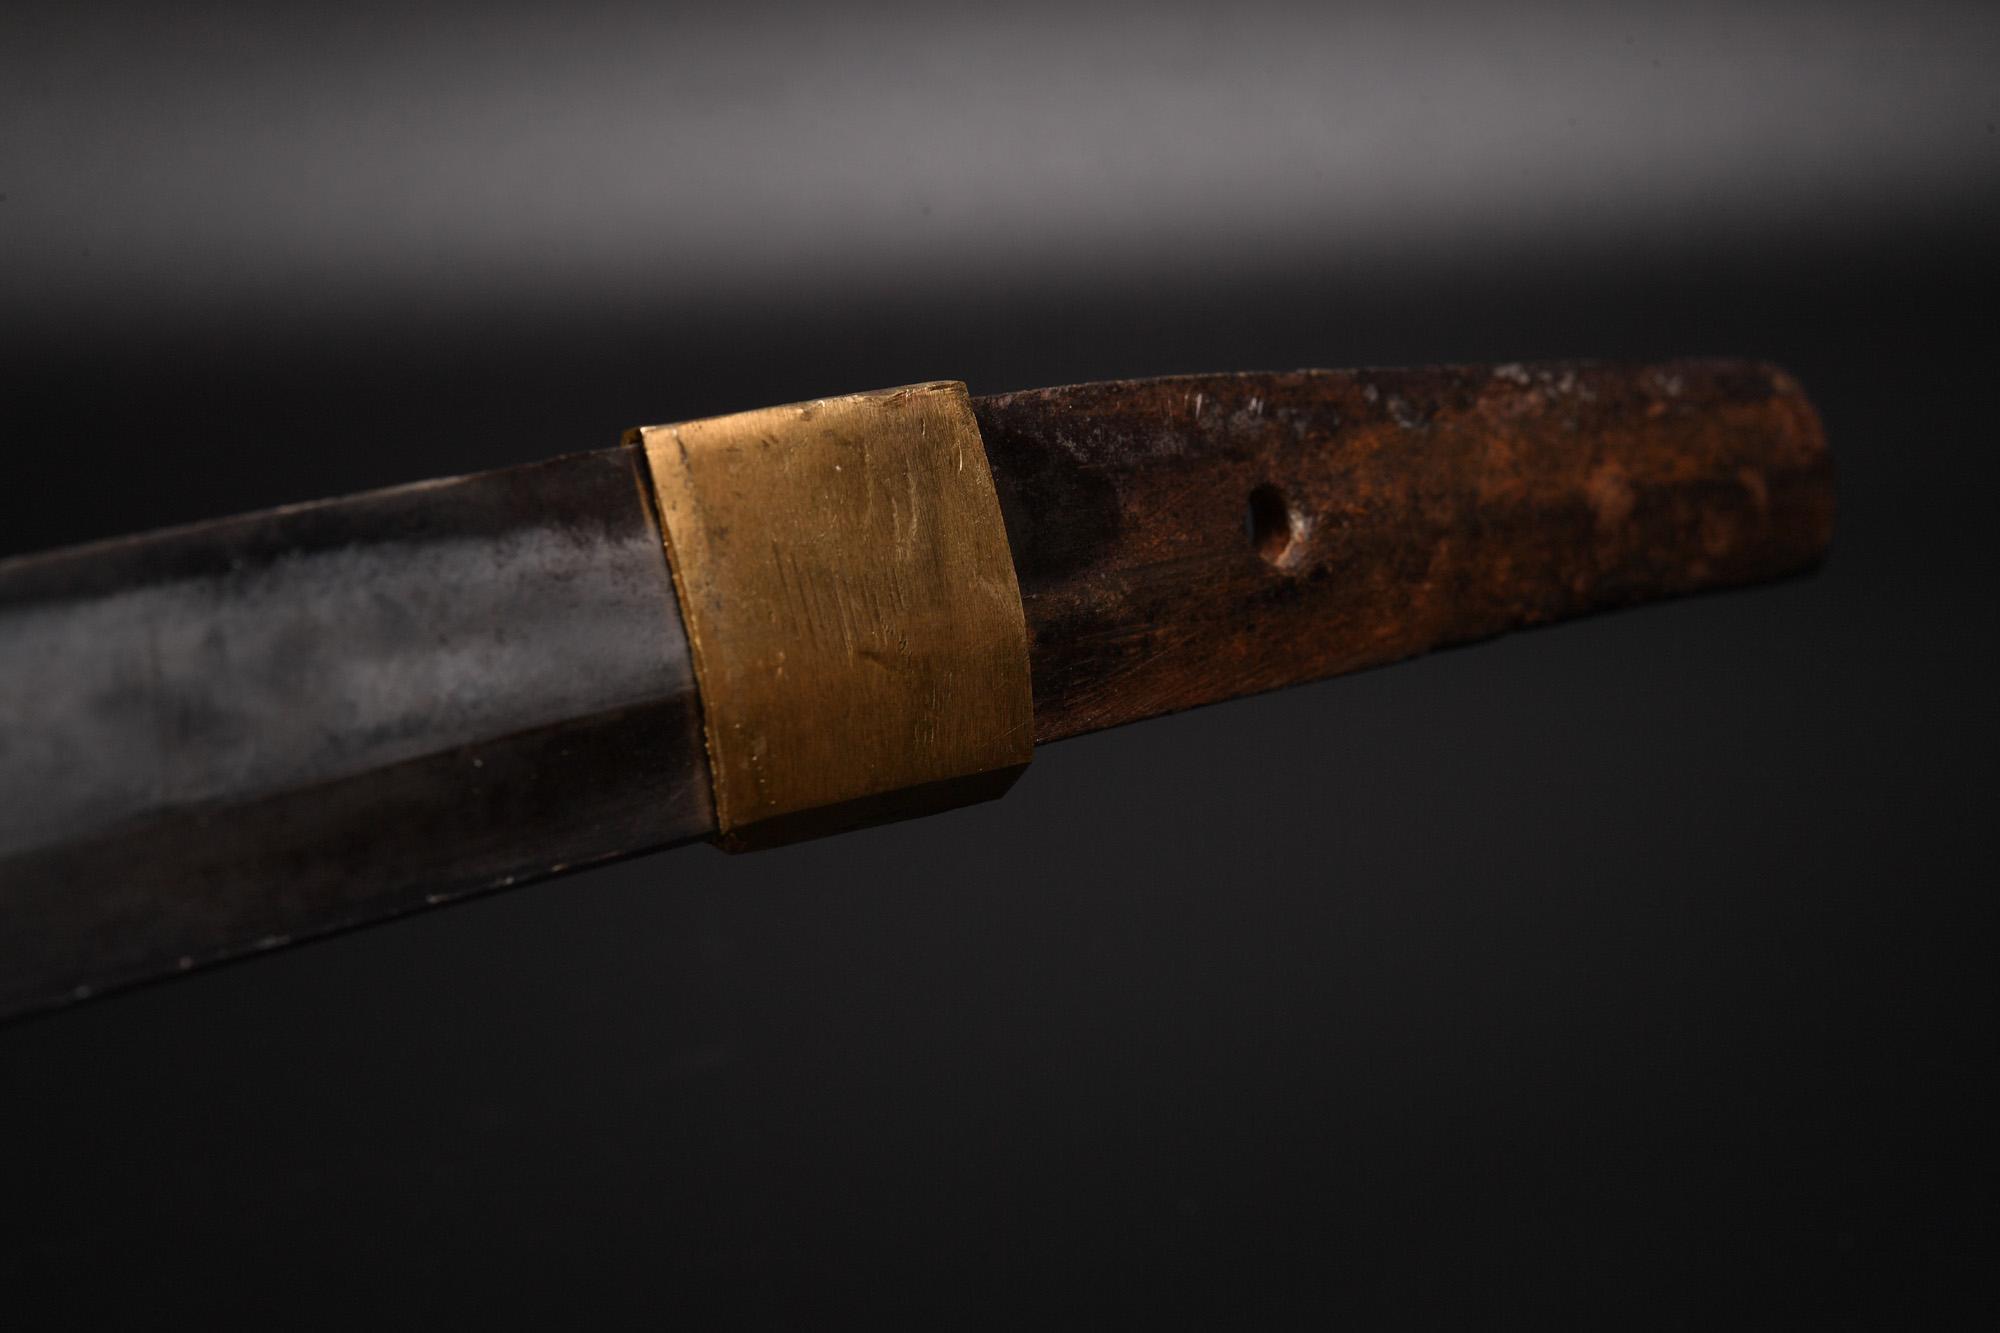 日本刀(脇差し)に摸造刀白鞘を流用 その2 鎺2個目を合わせました。